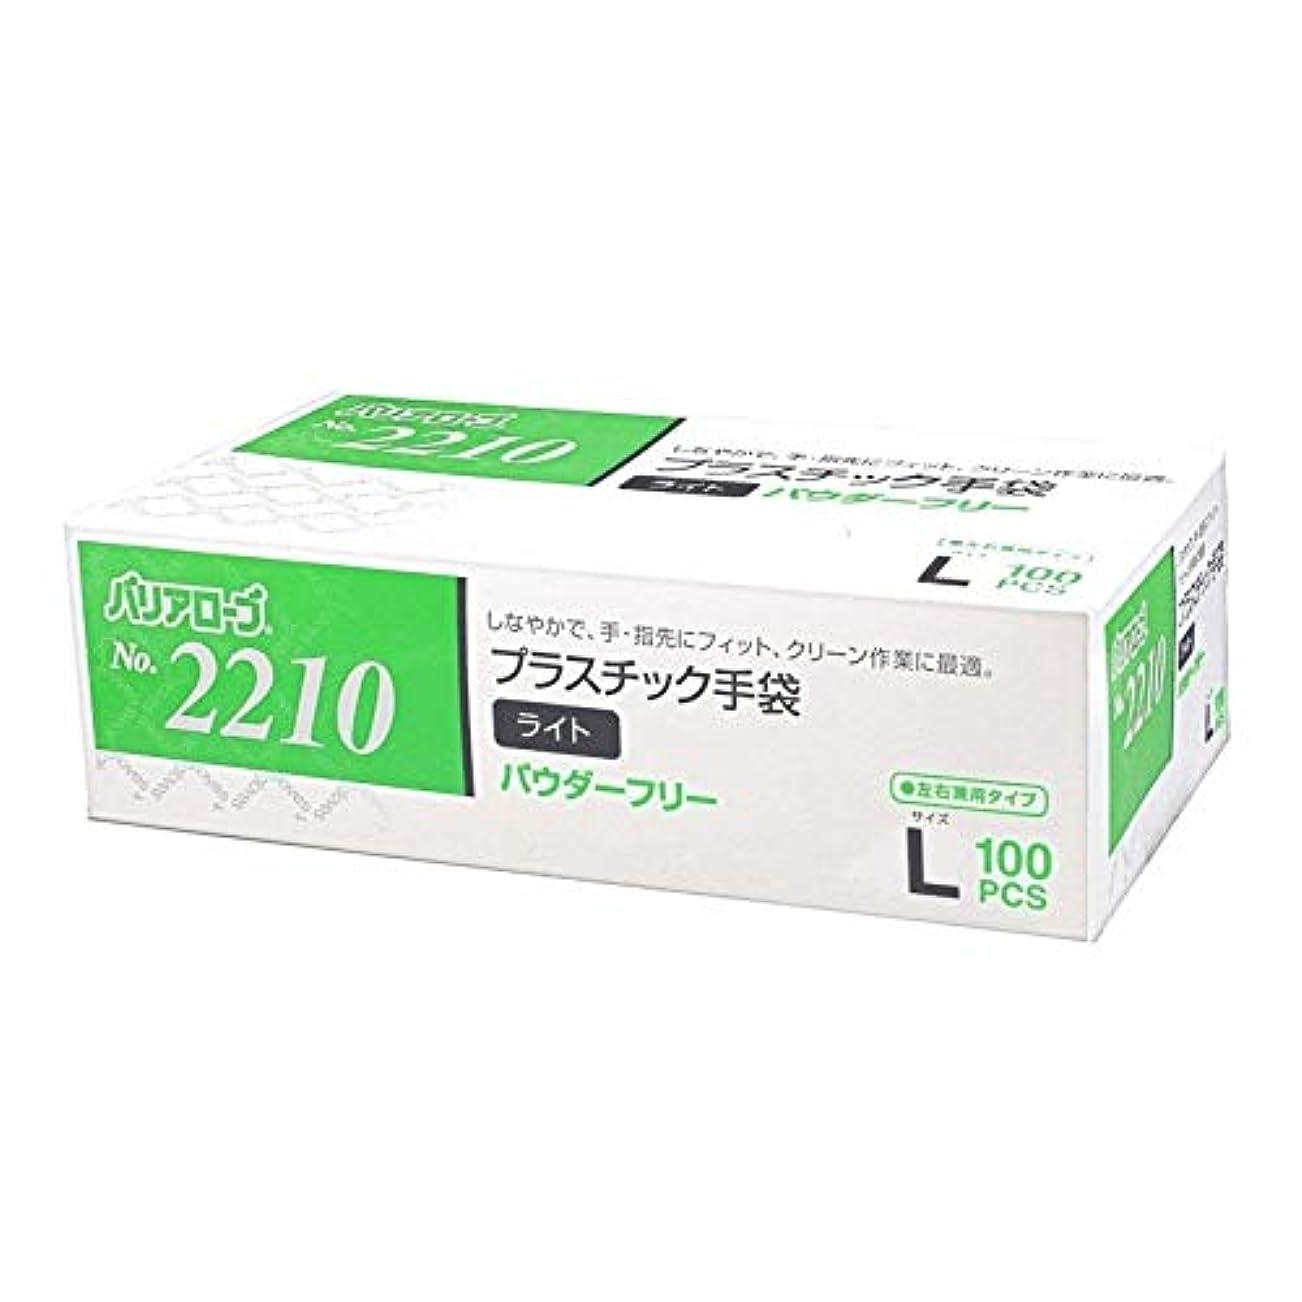 【ケース販売】 バリアローブ №2210 プラスチック手袋 ライト (パウダーフリー) L 2000枚(100枚×20箱)